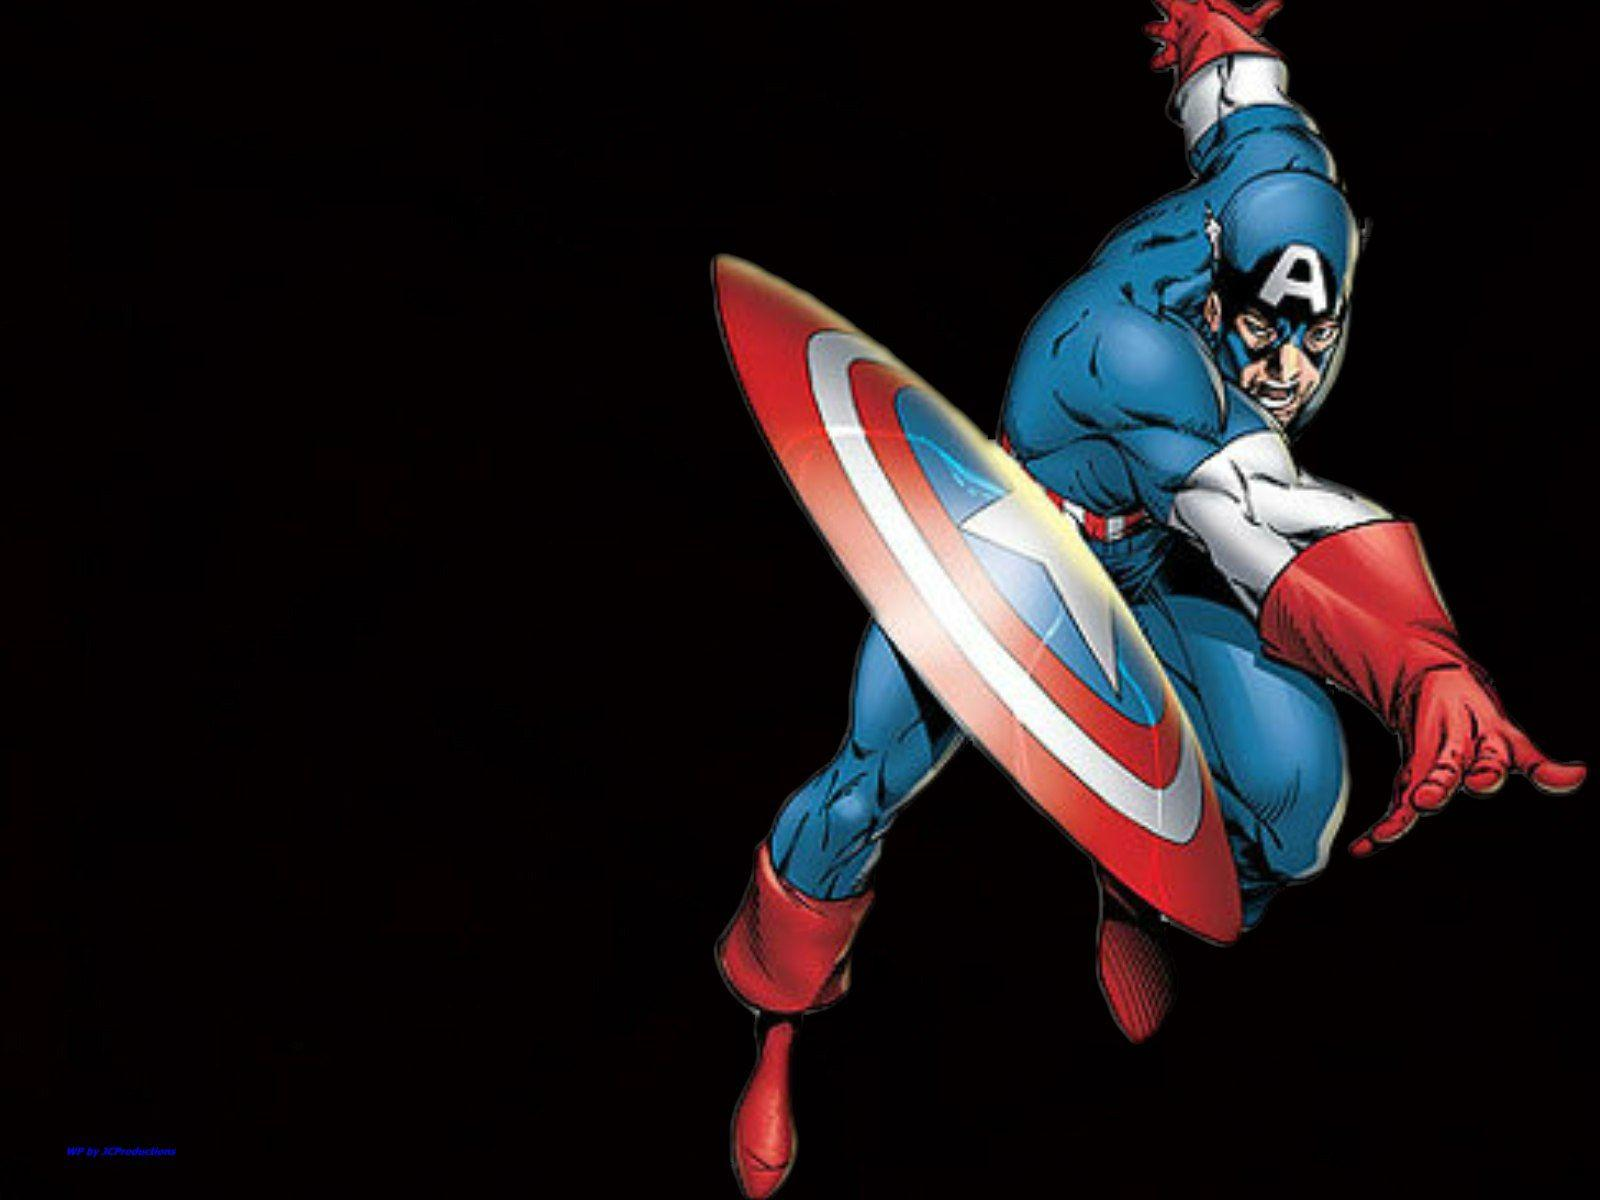 Captain America HD Wallpapers 1080p - WallpaperSafari